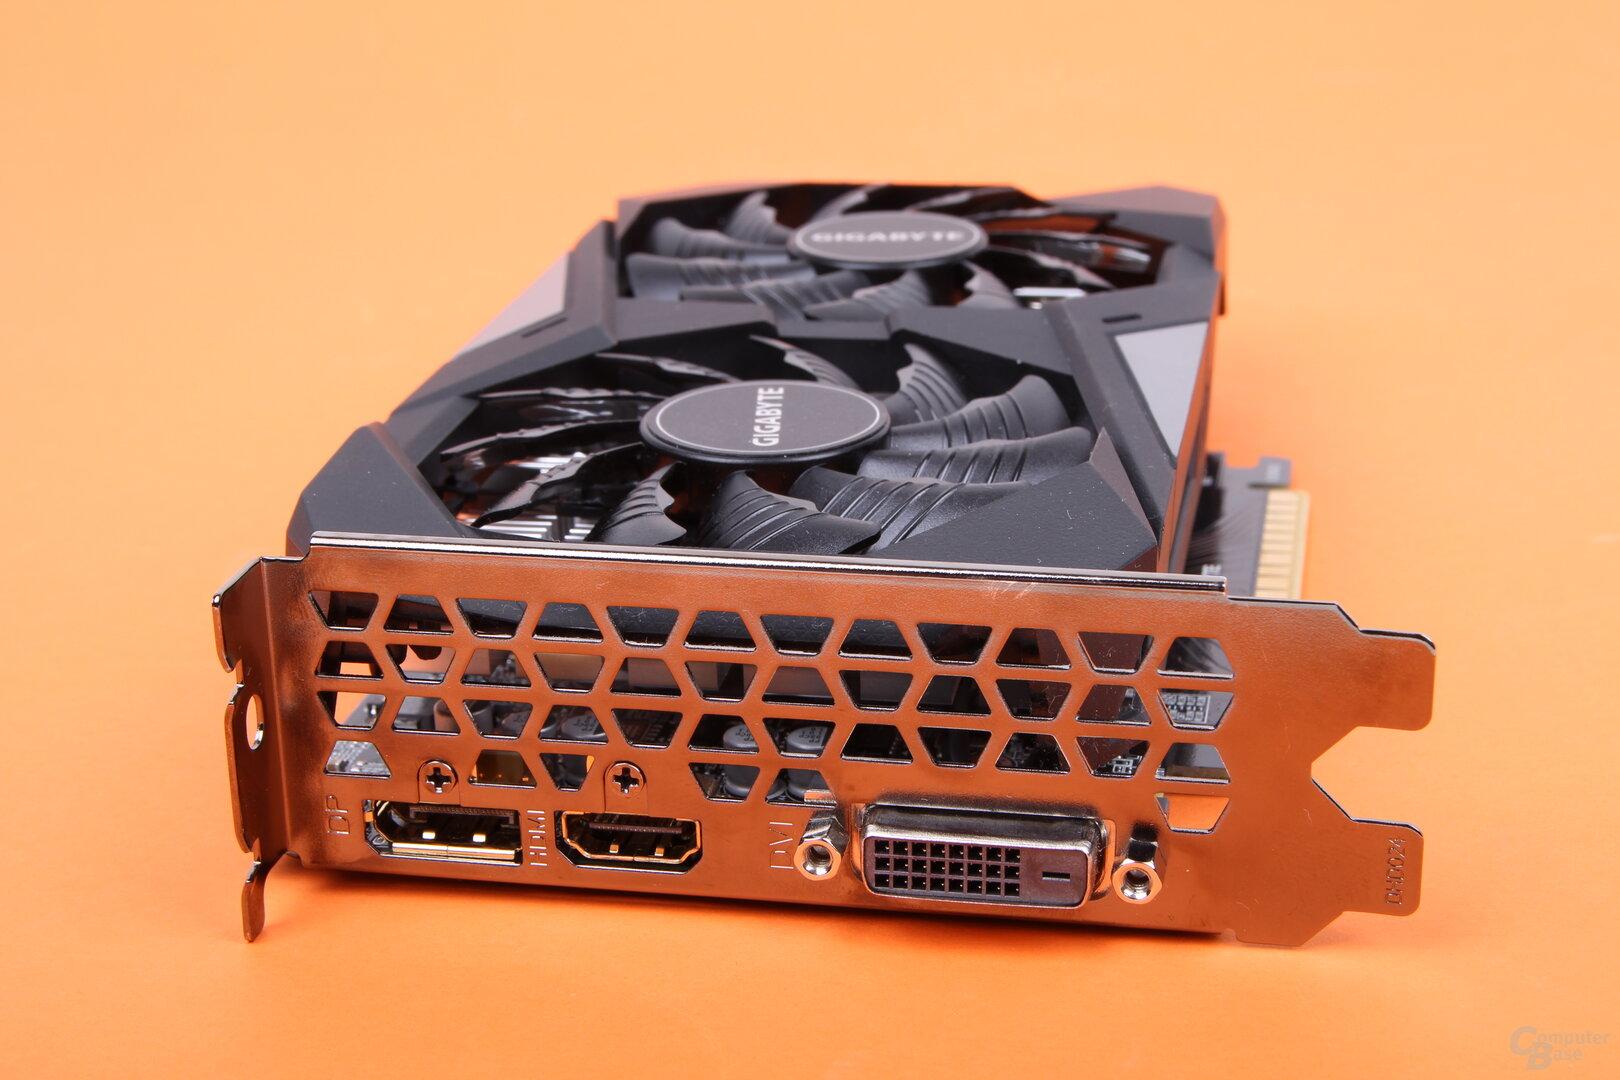 Monitoranschlüsse auf der Gigabyte GeForce GTX 1650 GDDR6 WindForce OC